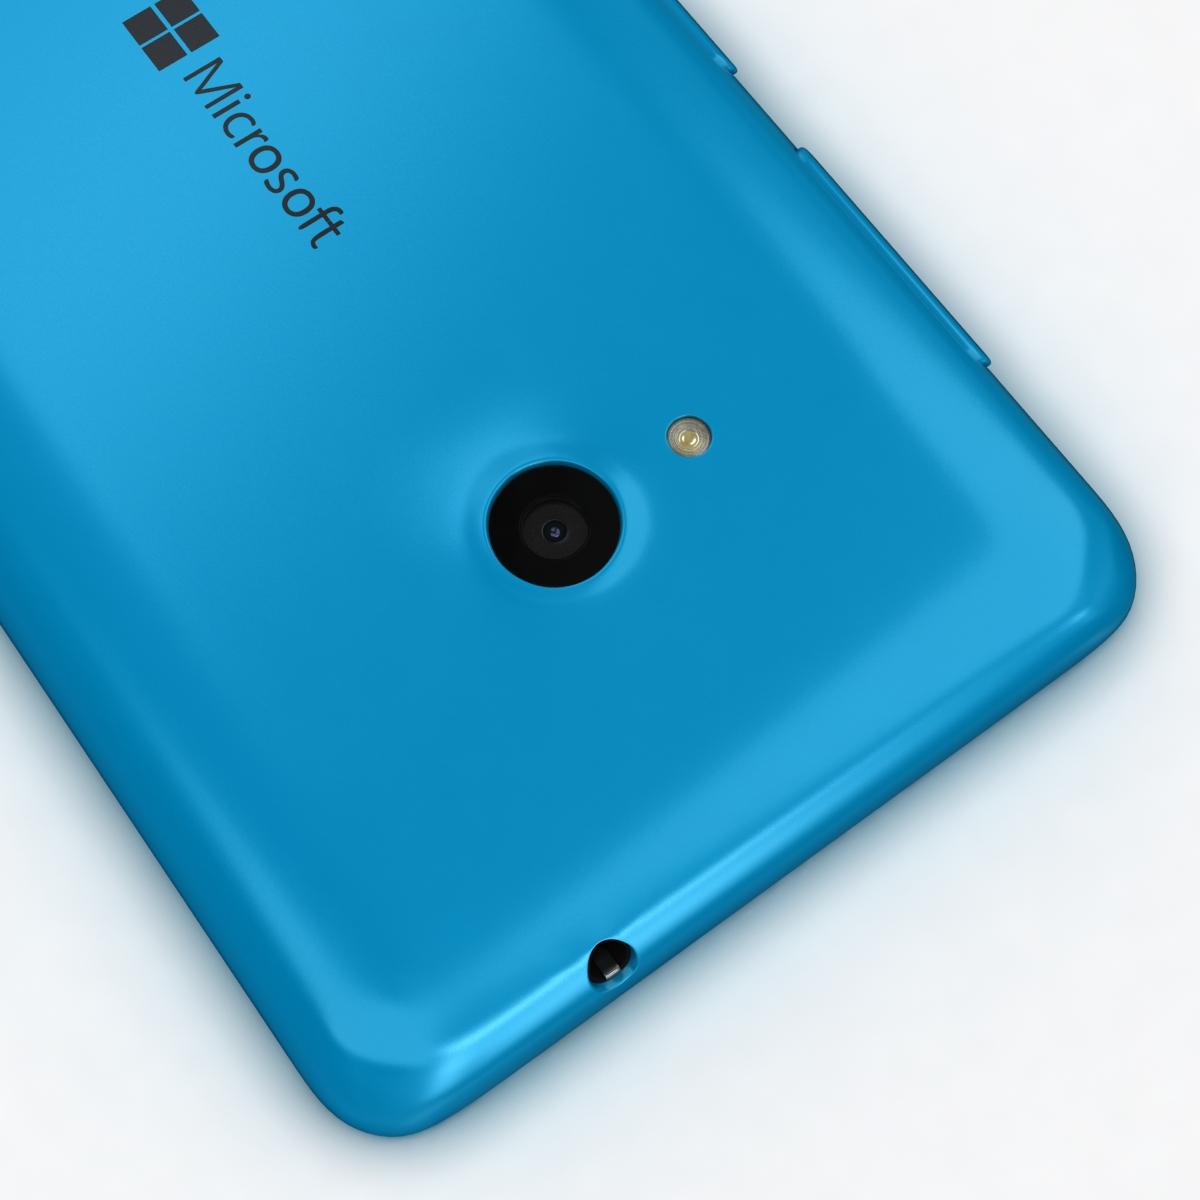 microsoft lumia 535 and dual sim all colors 3d model 3ds max fbx c4d obj 204699